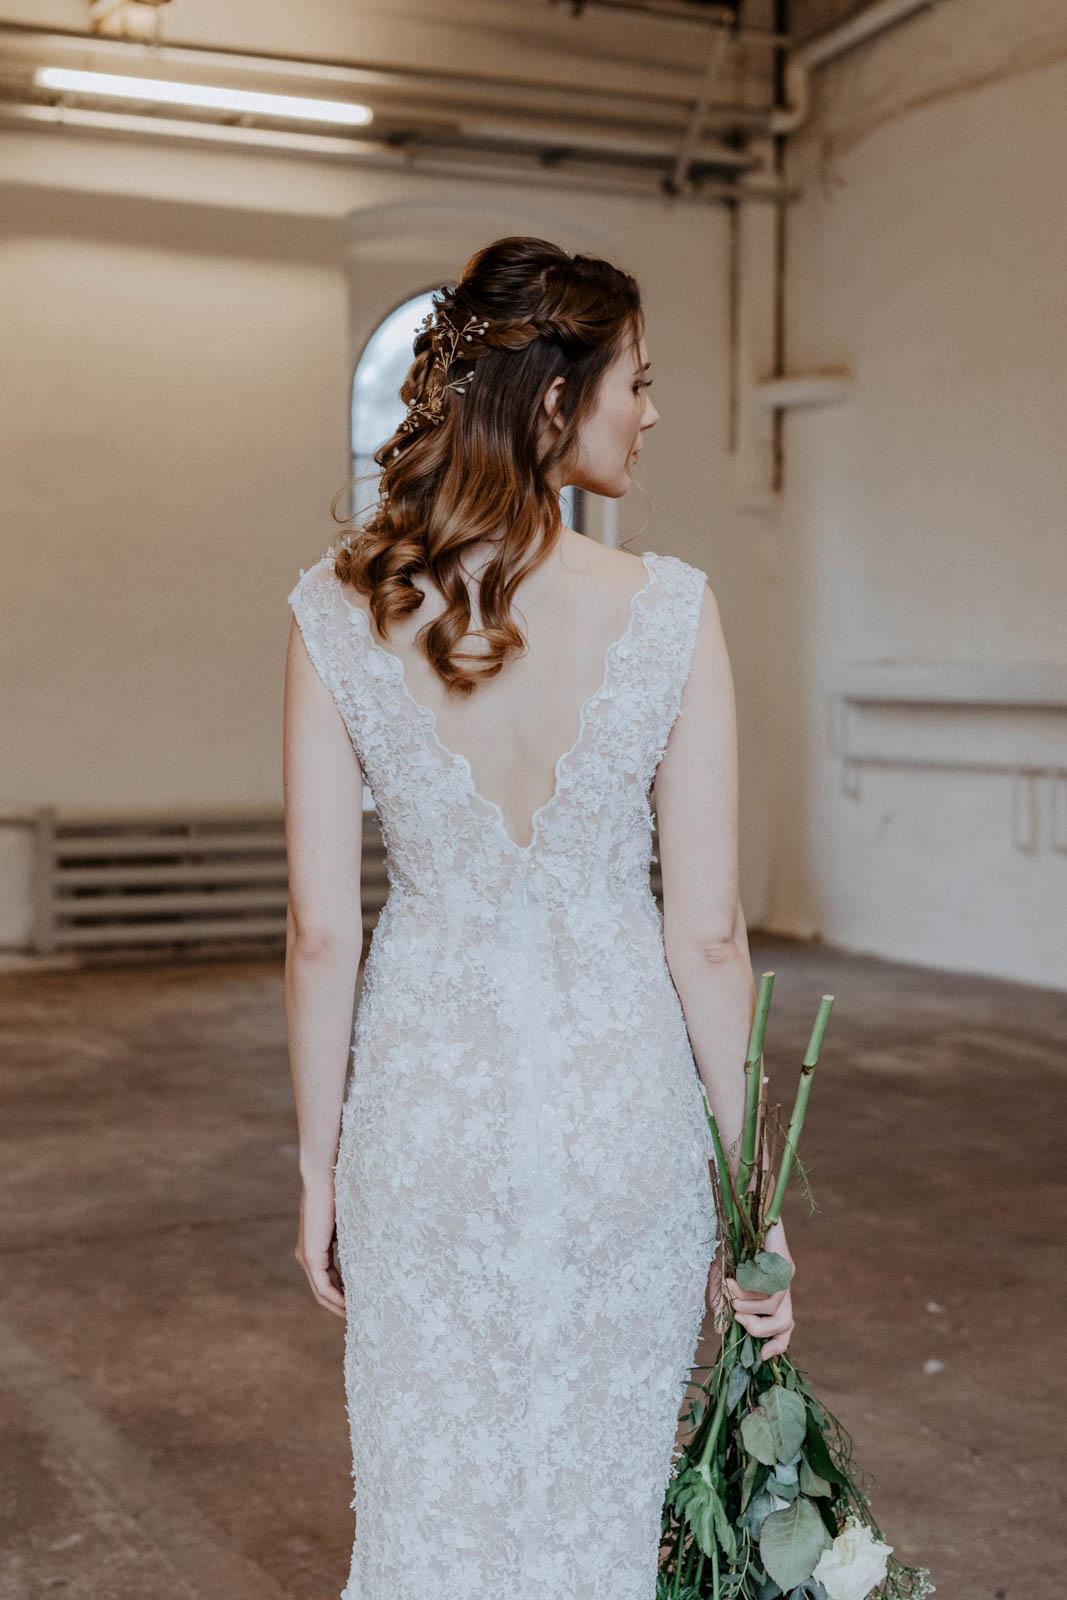 Brautkleid mit Spitze – gesehen bei frauimmer-herrewig.de